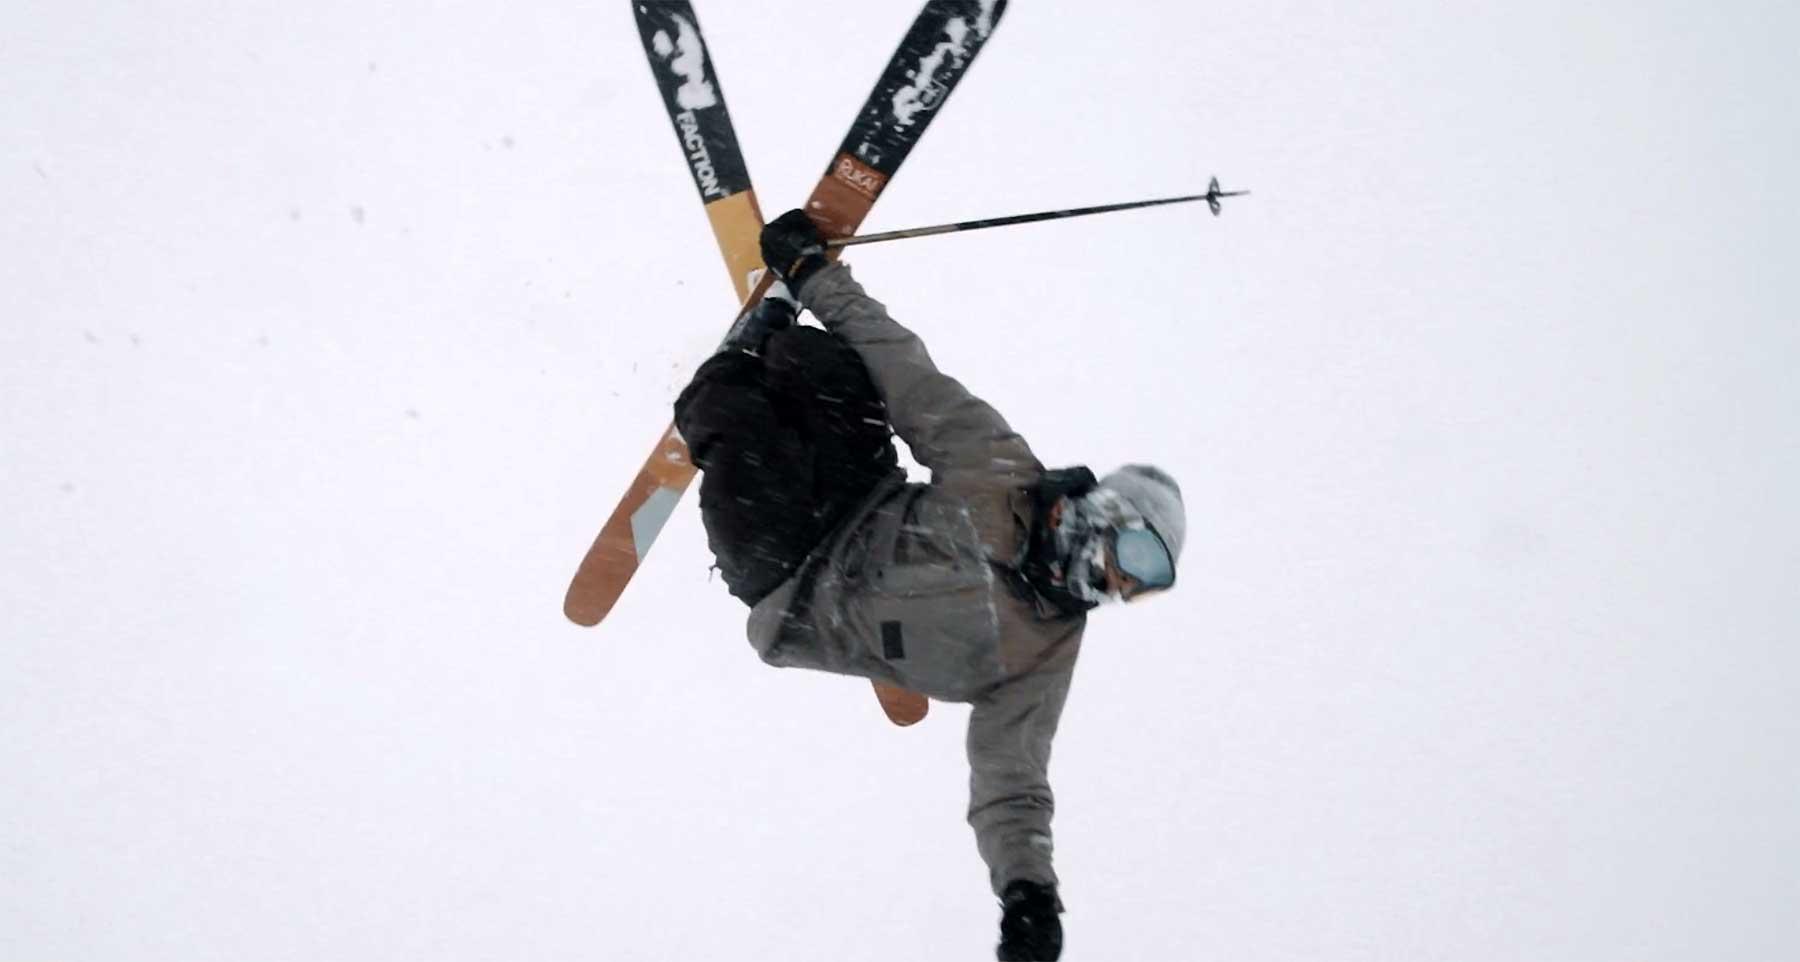 Ein richtig cool inszenierter Ski-Film SMELLY-SOCKS_Sayonara